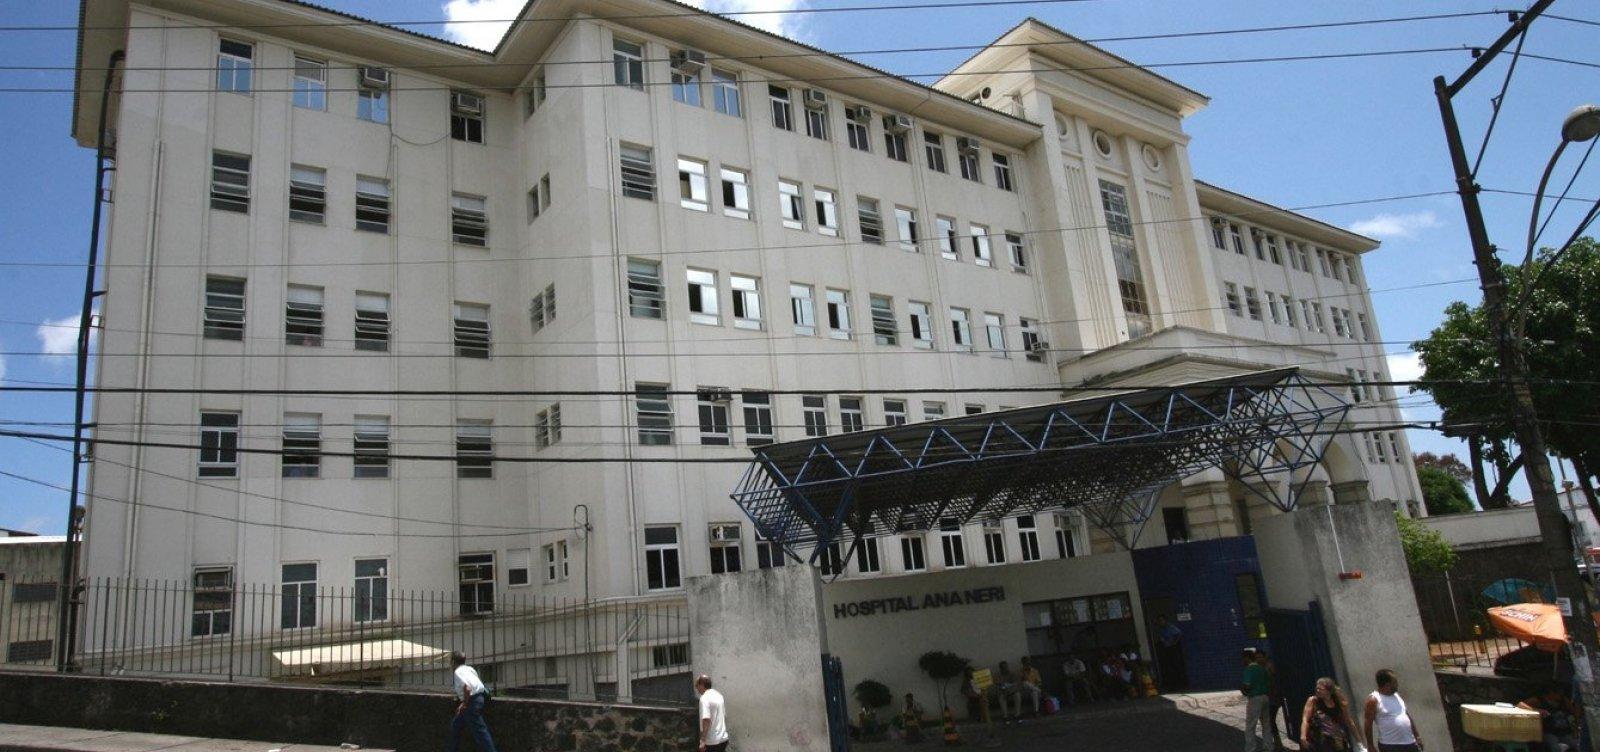 Médico acusa colega de se recusar a receber assistência em caso de idosa; paciente morreu